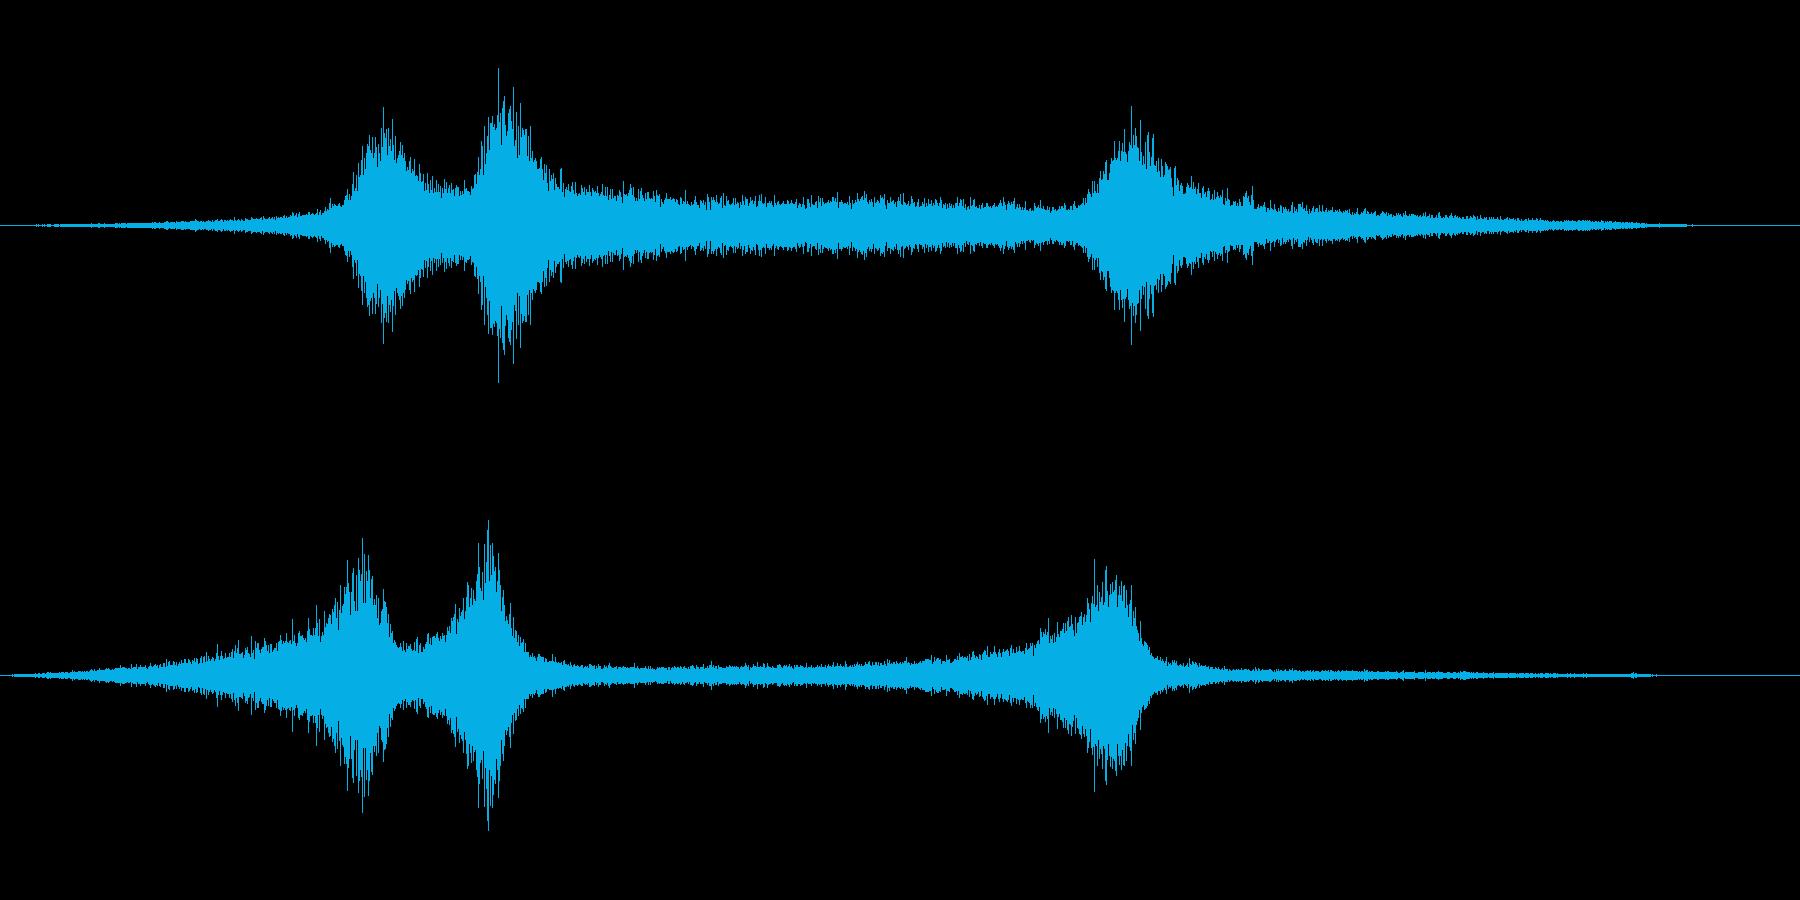 【生録音】 早朝の街 交通 環境音 9の再生済みの波形